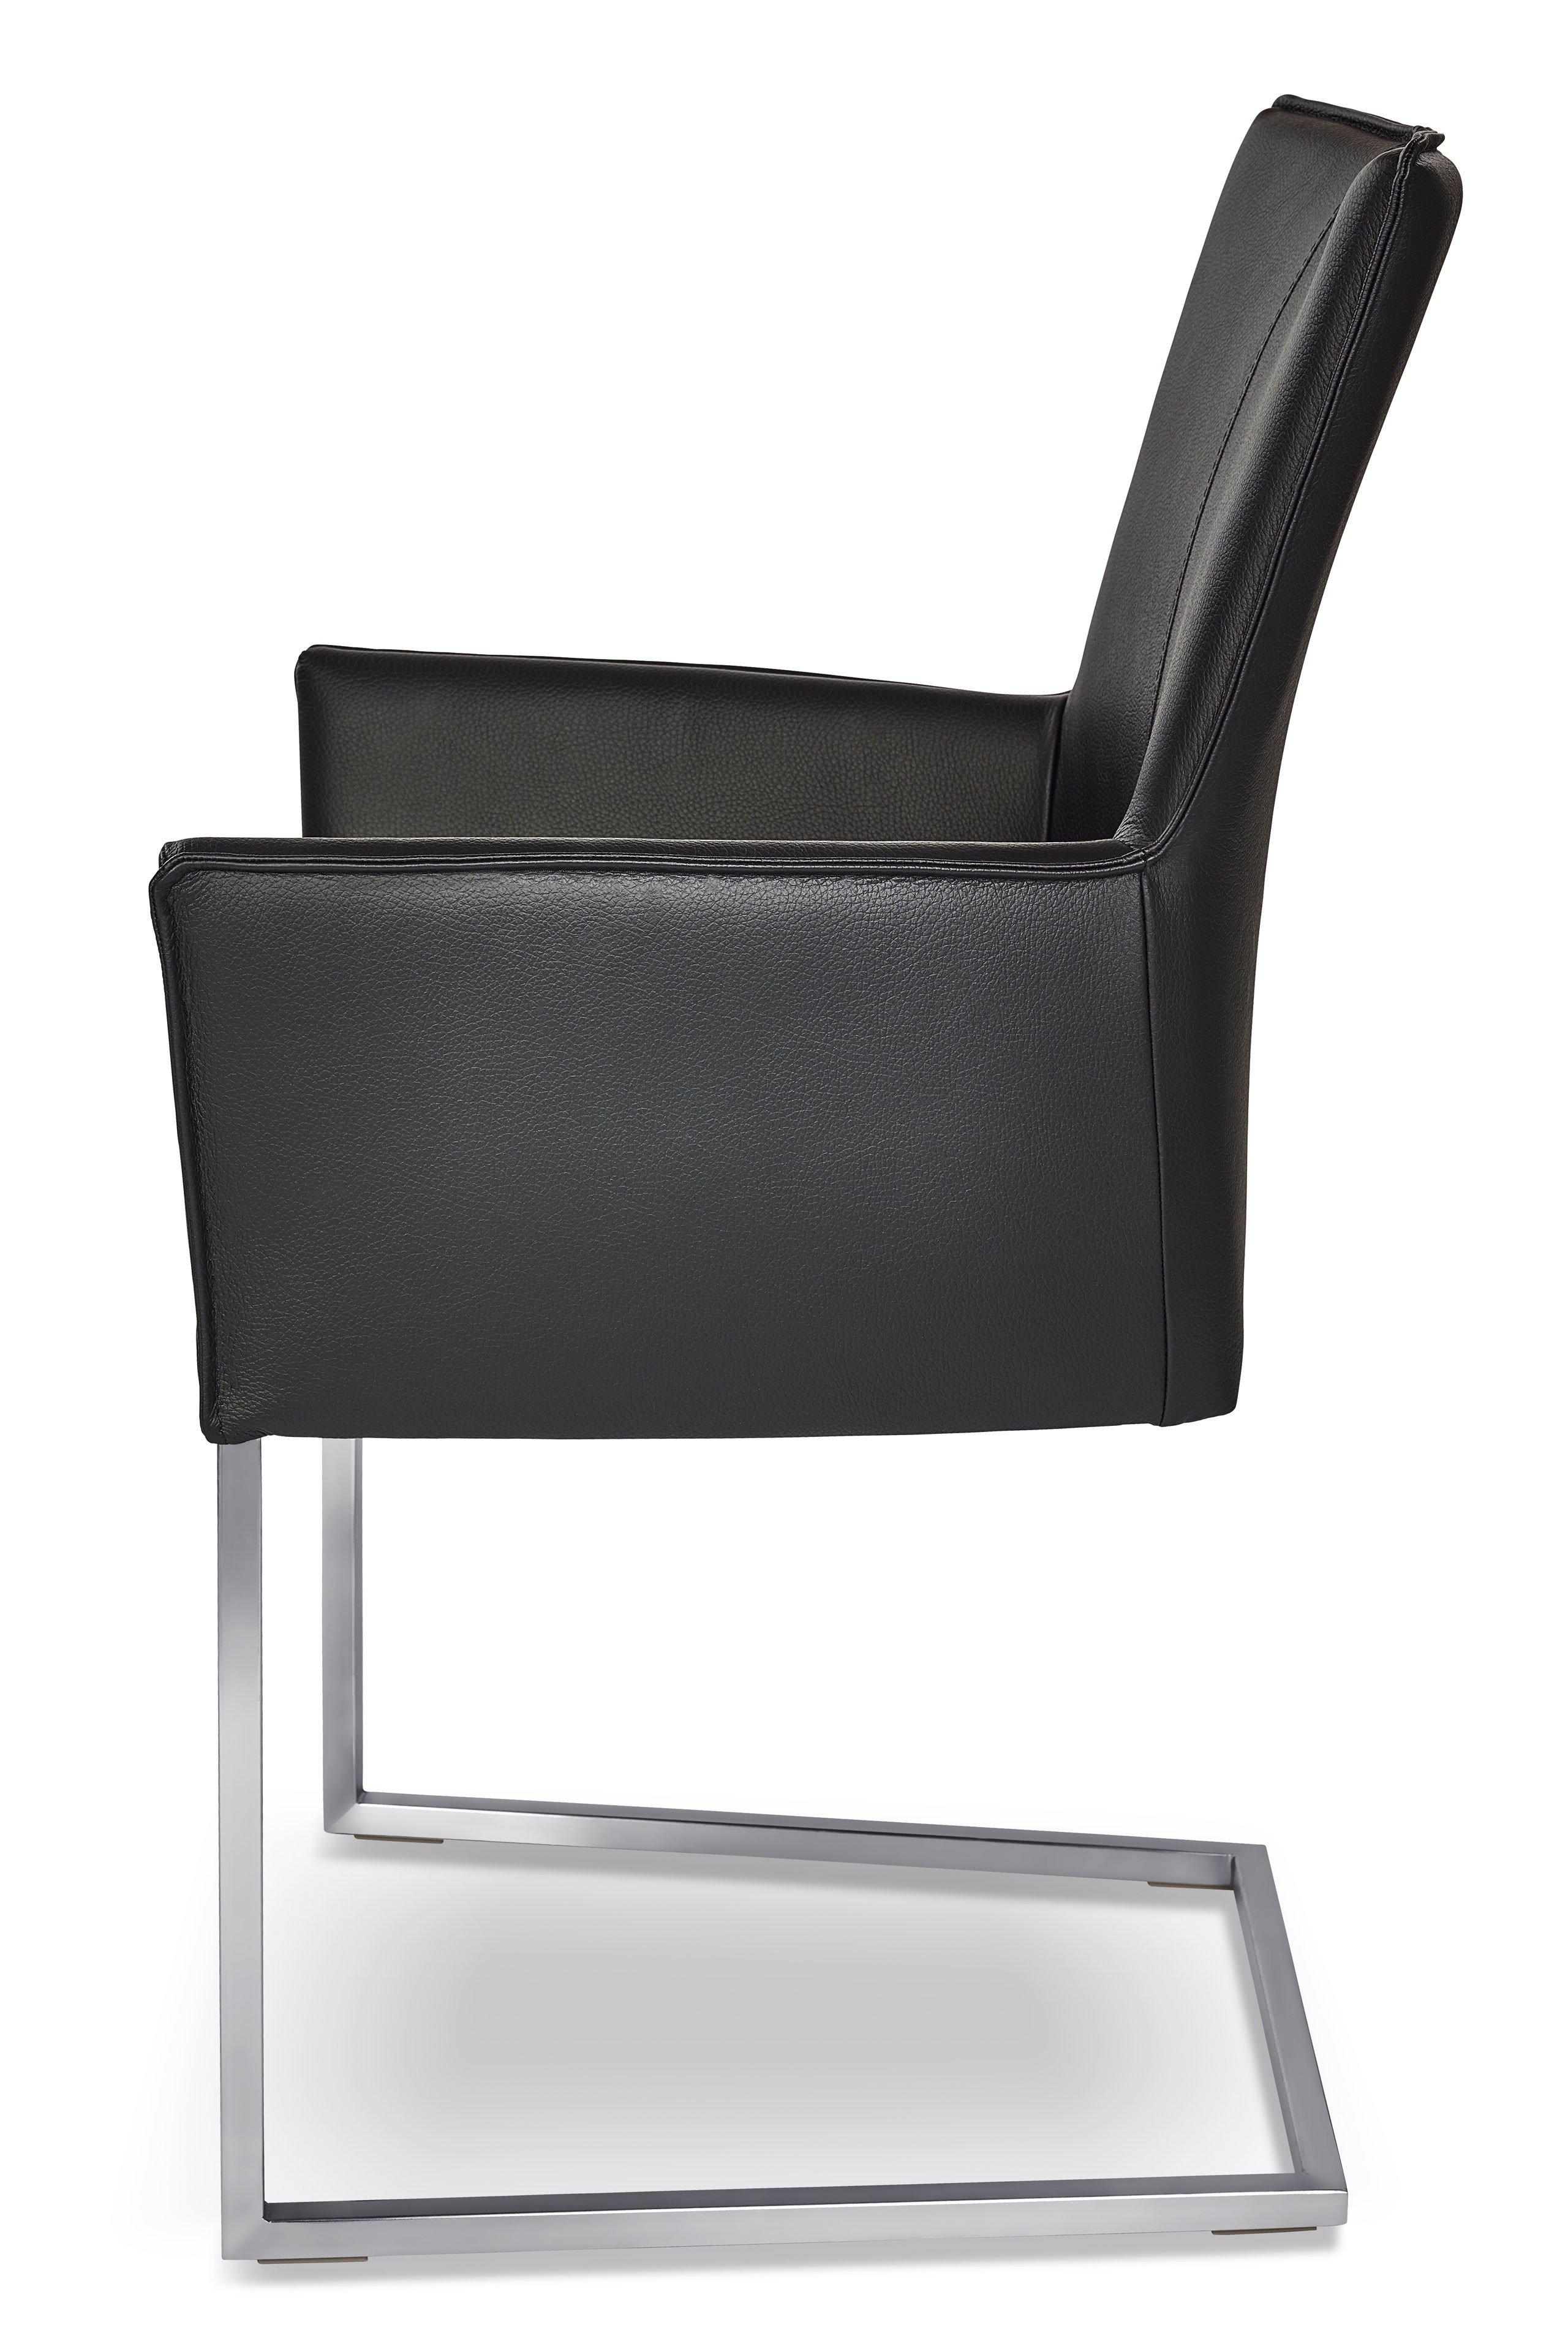 ronald schmitt luka stuhl rst 178 leder nero m bel letz ihr online shop. Black Bedroom Furniture Sets. Home Design Ideas